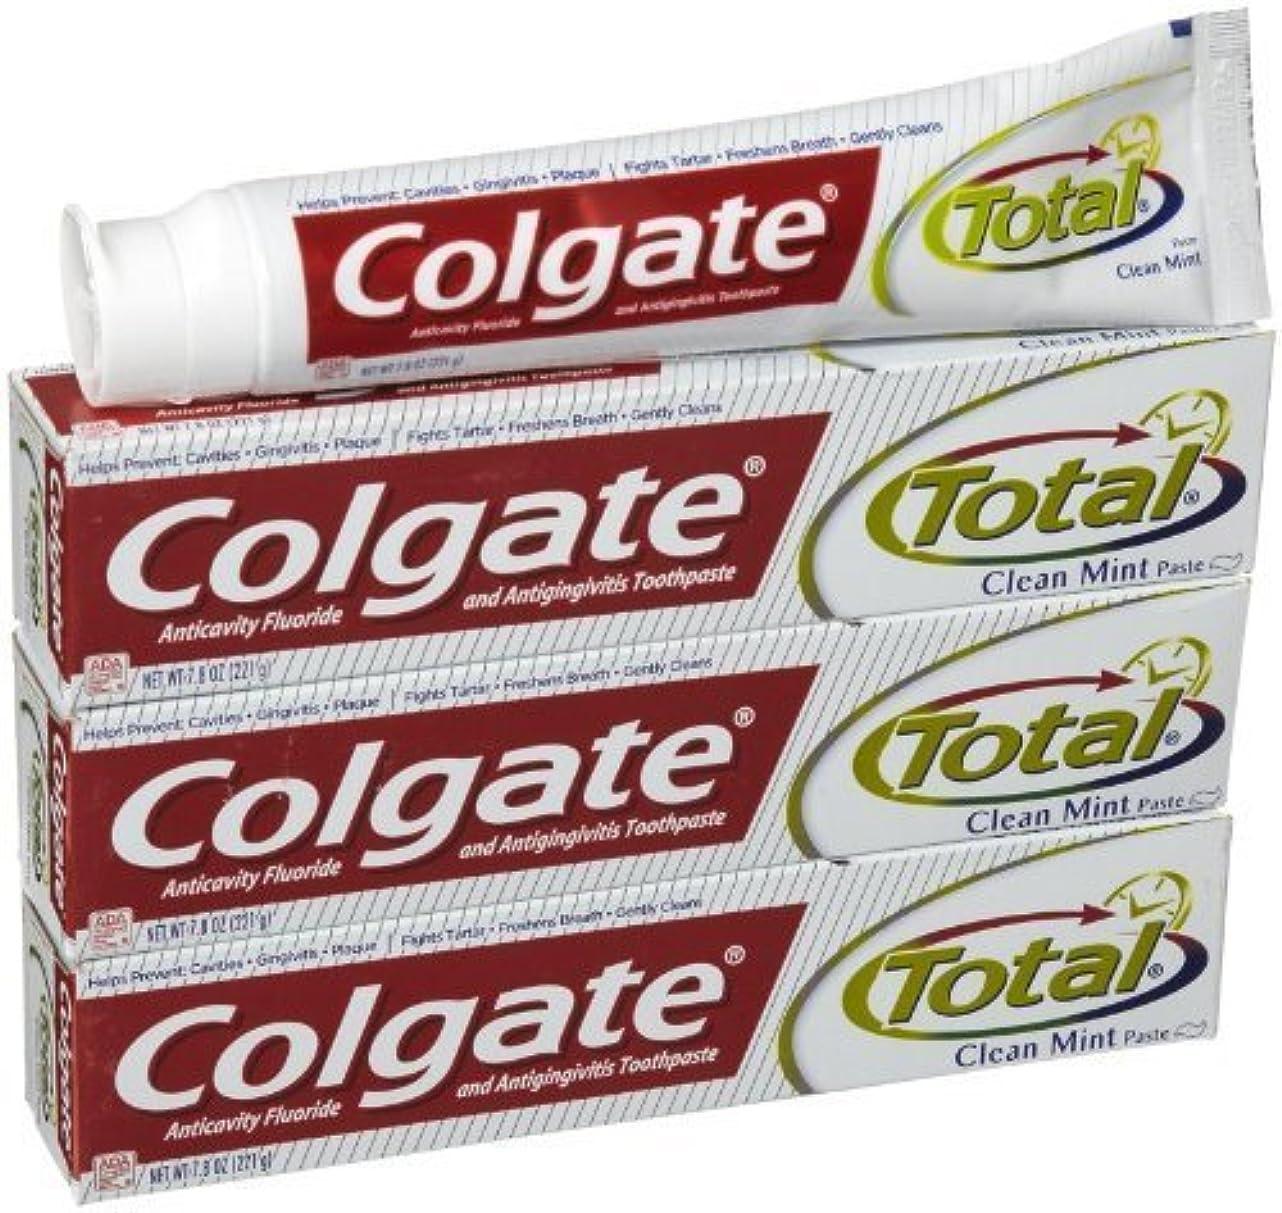 スポーツ歯痛ほかにコルゲート クリーンミント 歯磨き粉 7.8OZ-3個 Colgate Total Original Toothpast Clean mint